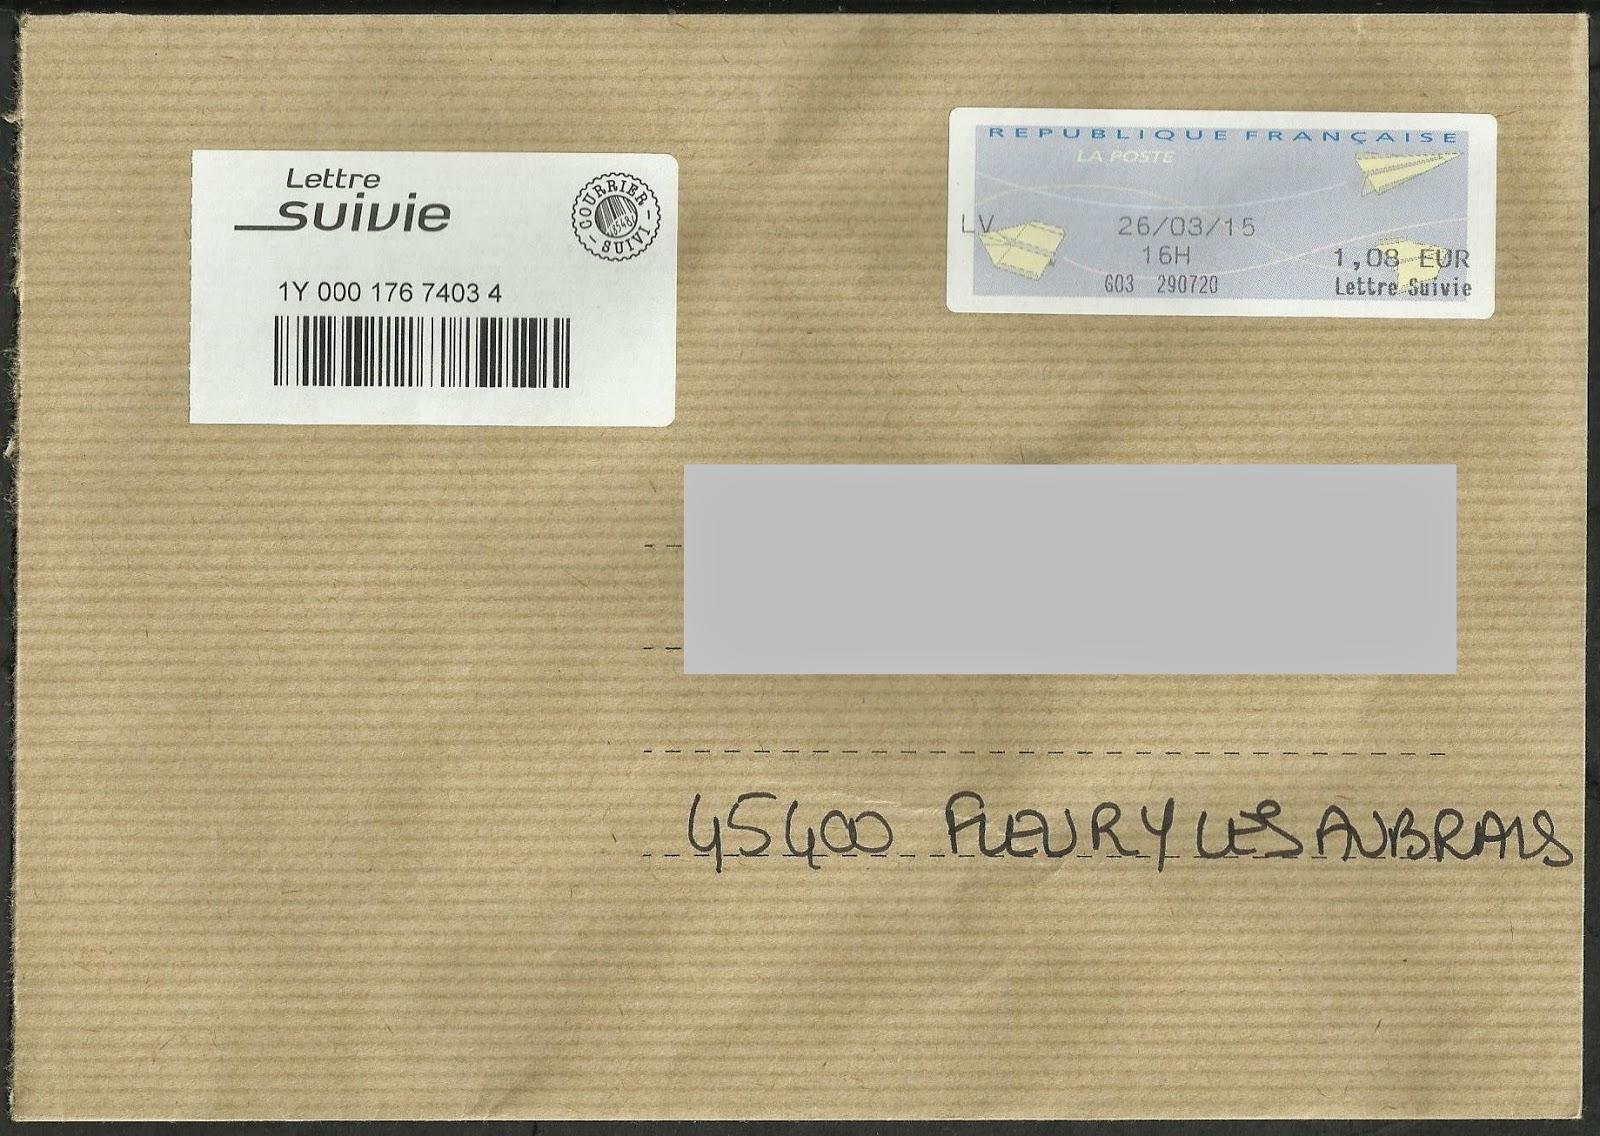 lettre suivie LES NEWS DU PHOSPHO: MOG et Lettre suivie lettre suivie